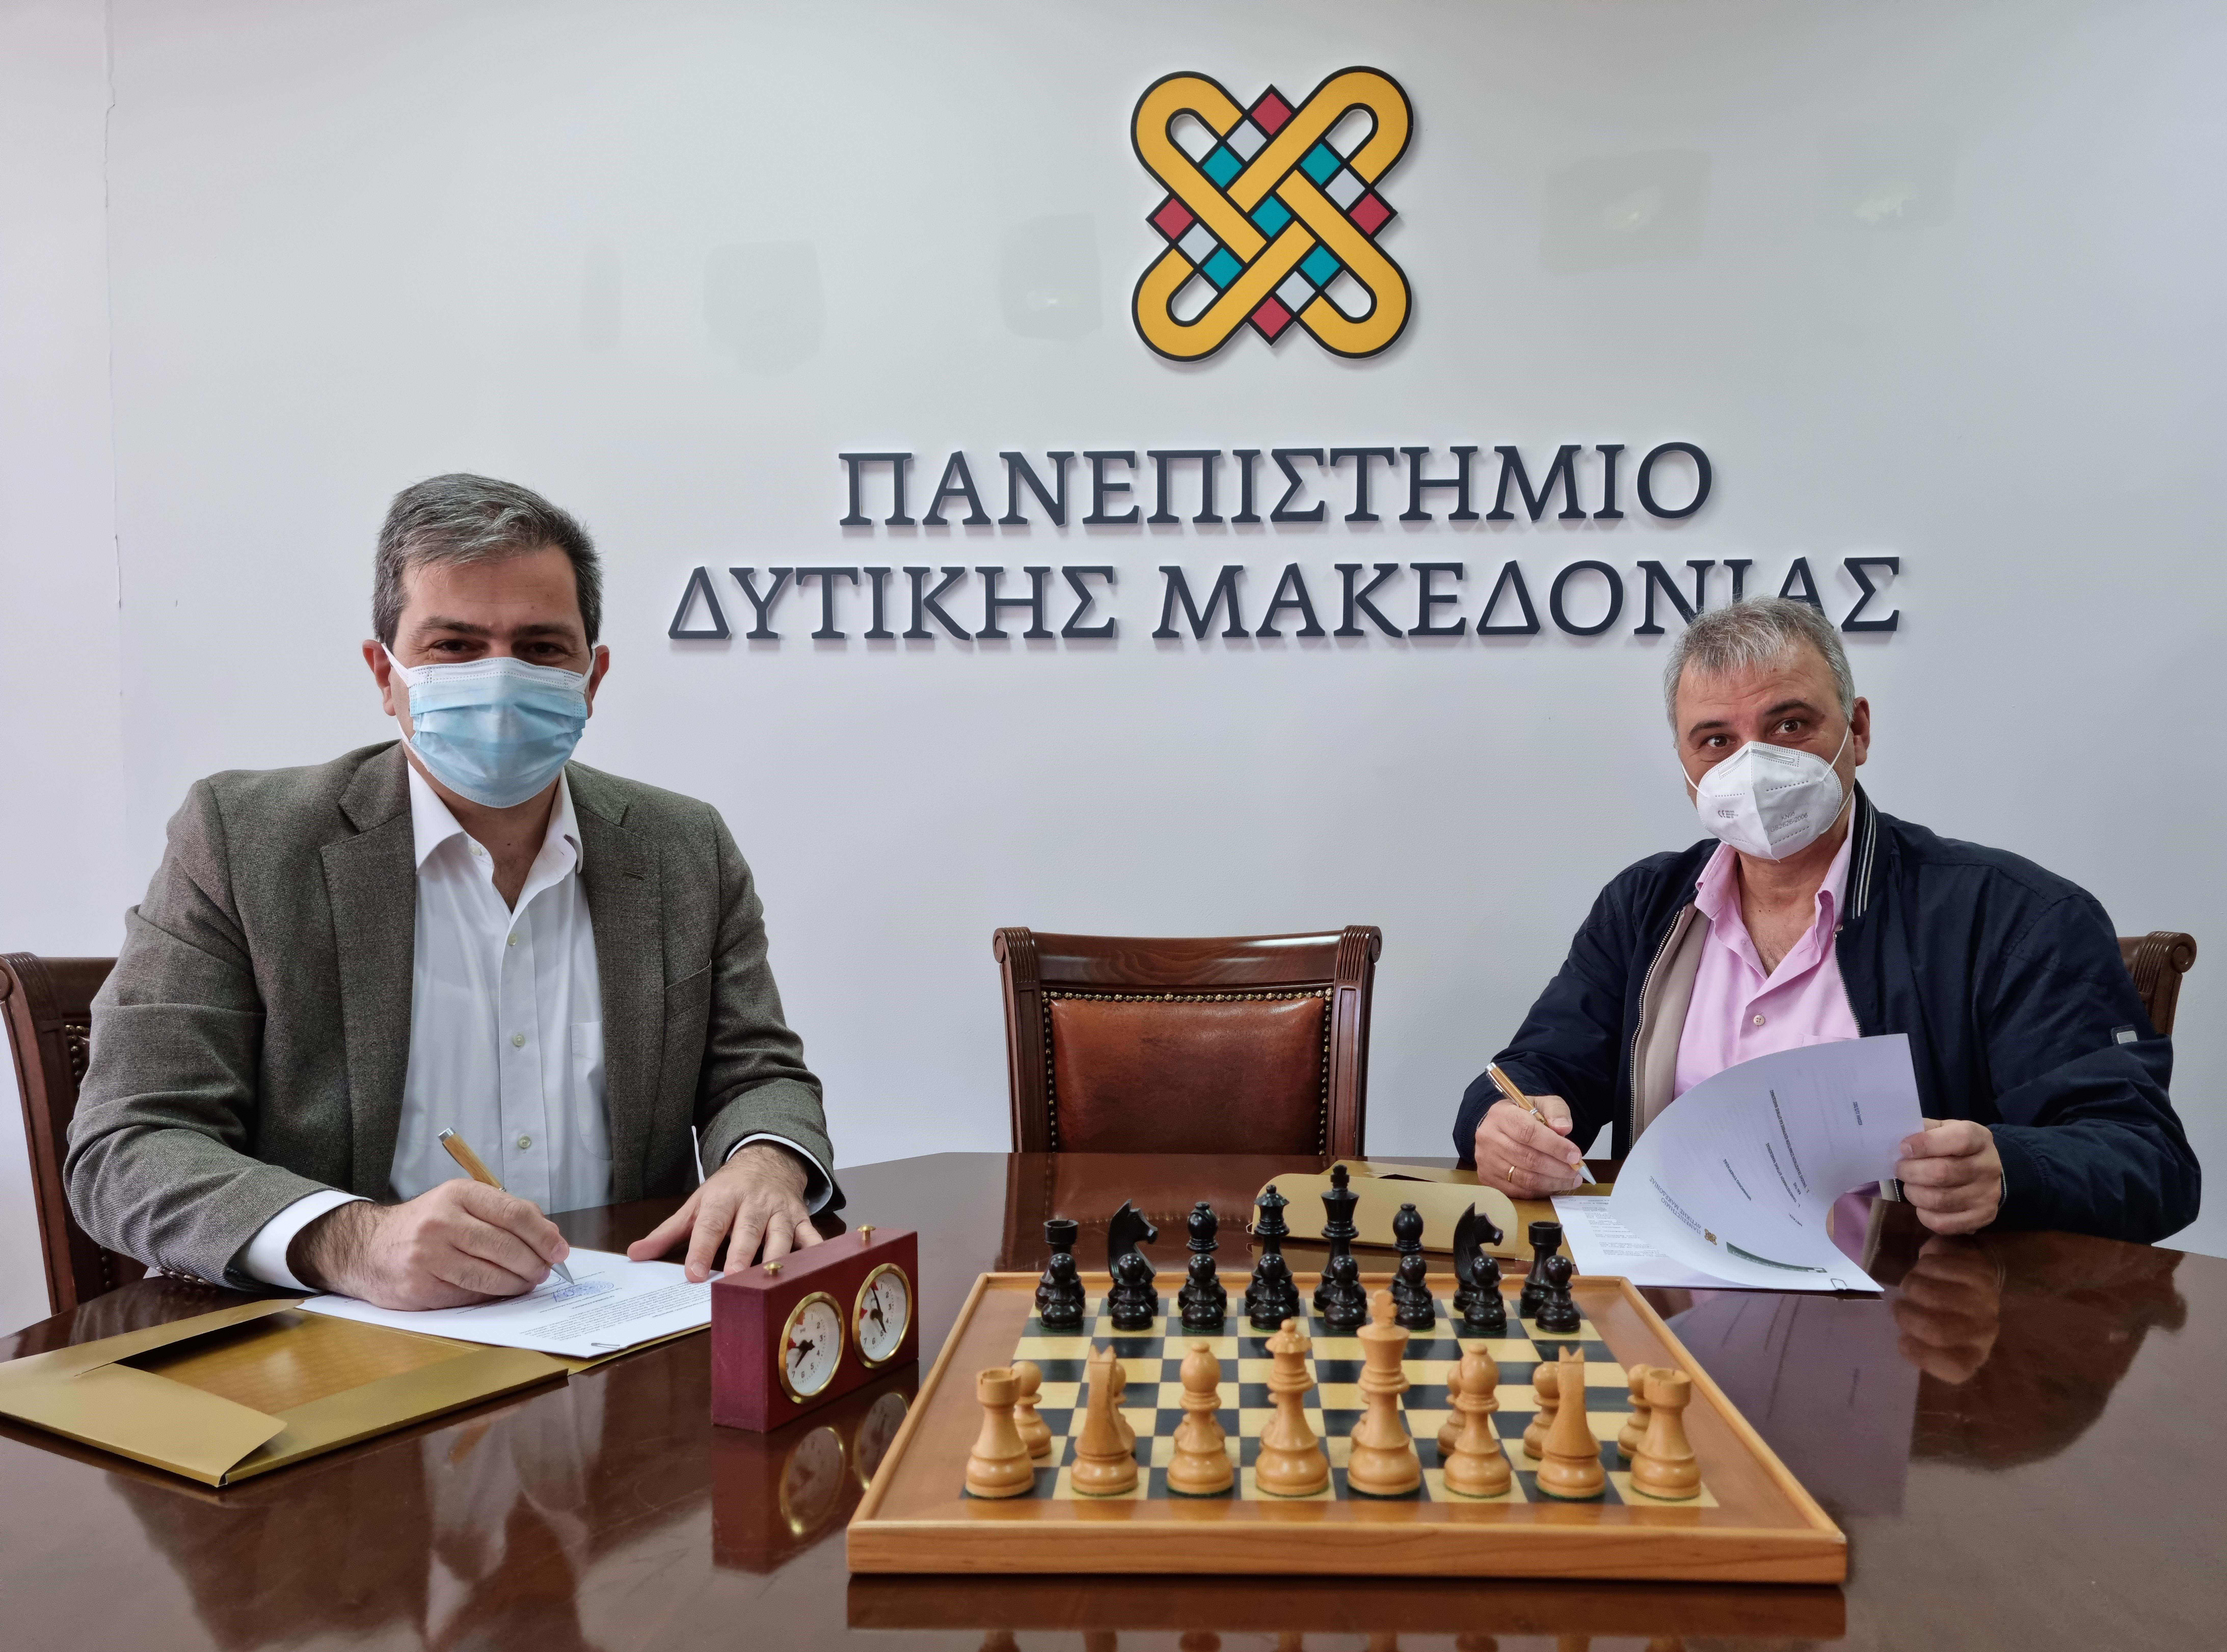 Υπογραφή Μνημονίου Συνεργασίας ανάμεσα στο Πανεπιστήμιο Δυτικής Μακεδονίας και Ένωση Σκακιστικών Σωματείων Κεντρικής και Δυτικής Μακεδονίας